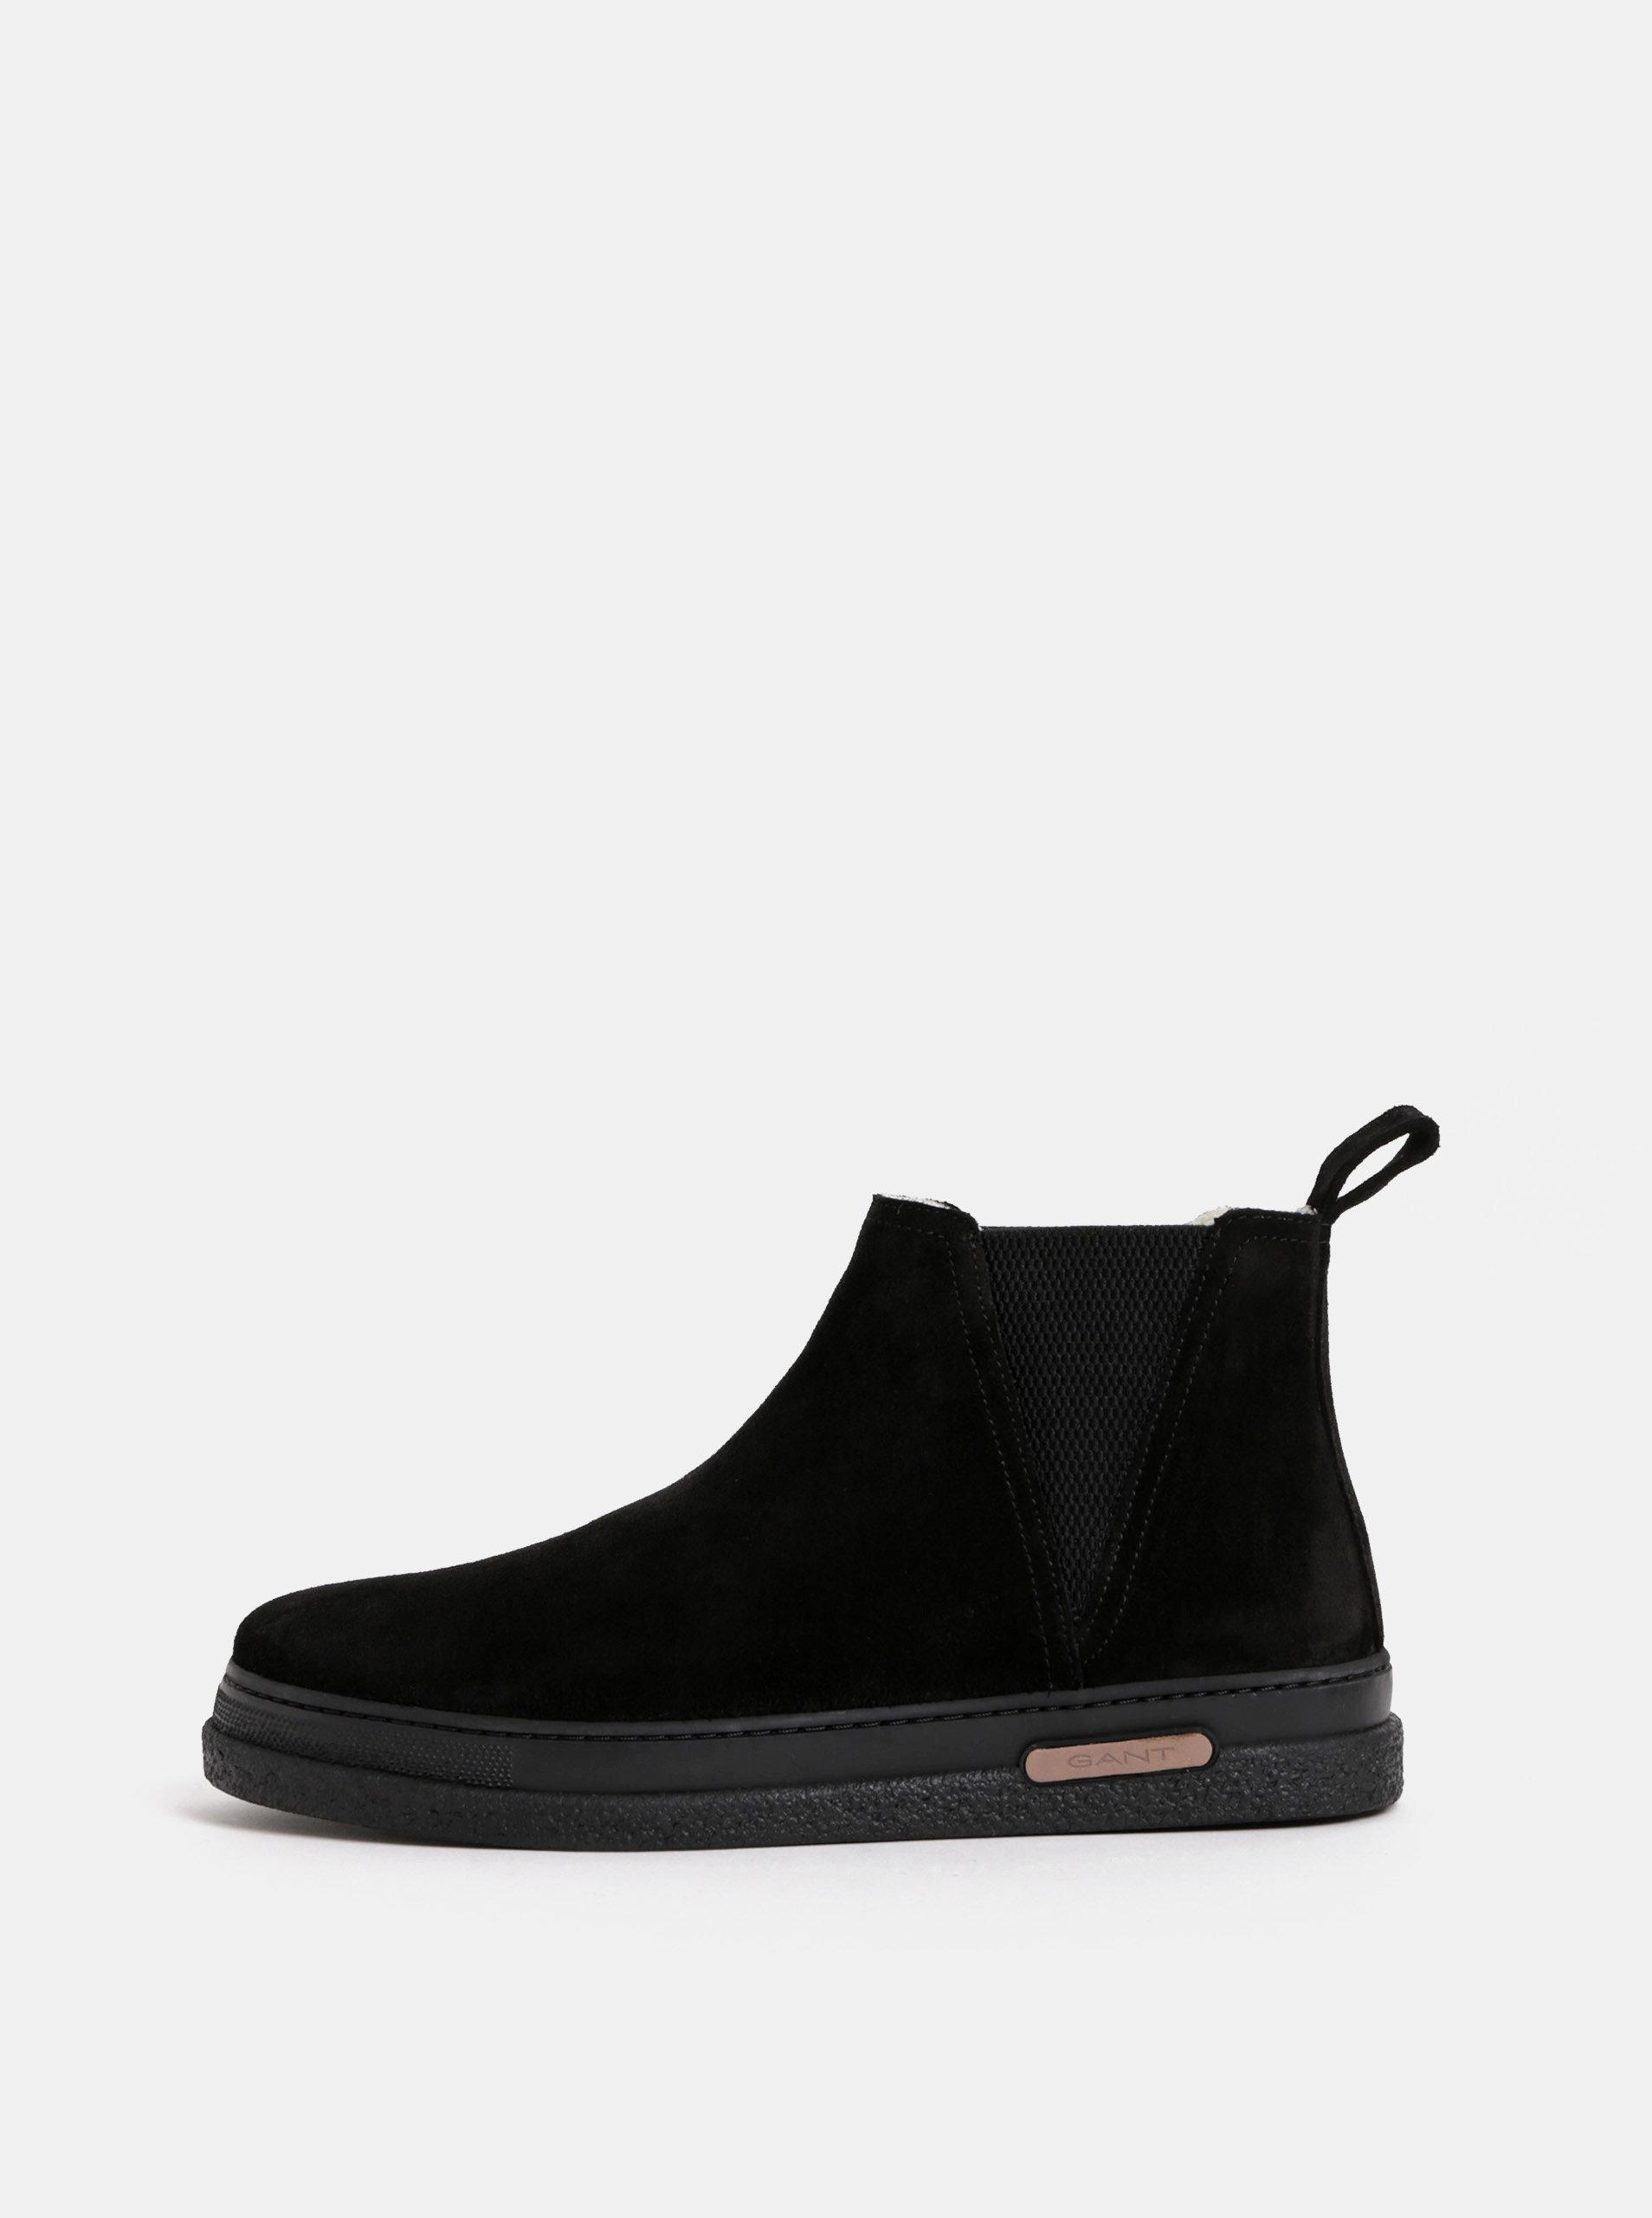 Černé pánské semišové zimní chelsea boty s vlněnou podšívkou GANT Josef ... ac0ec66583